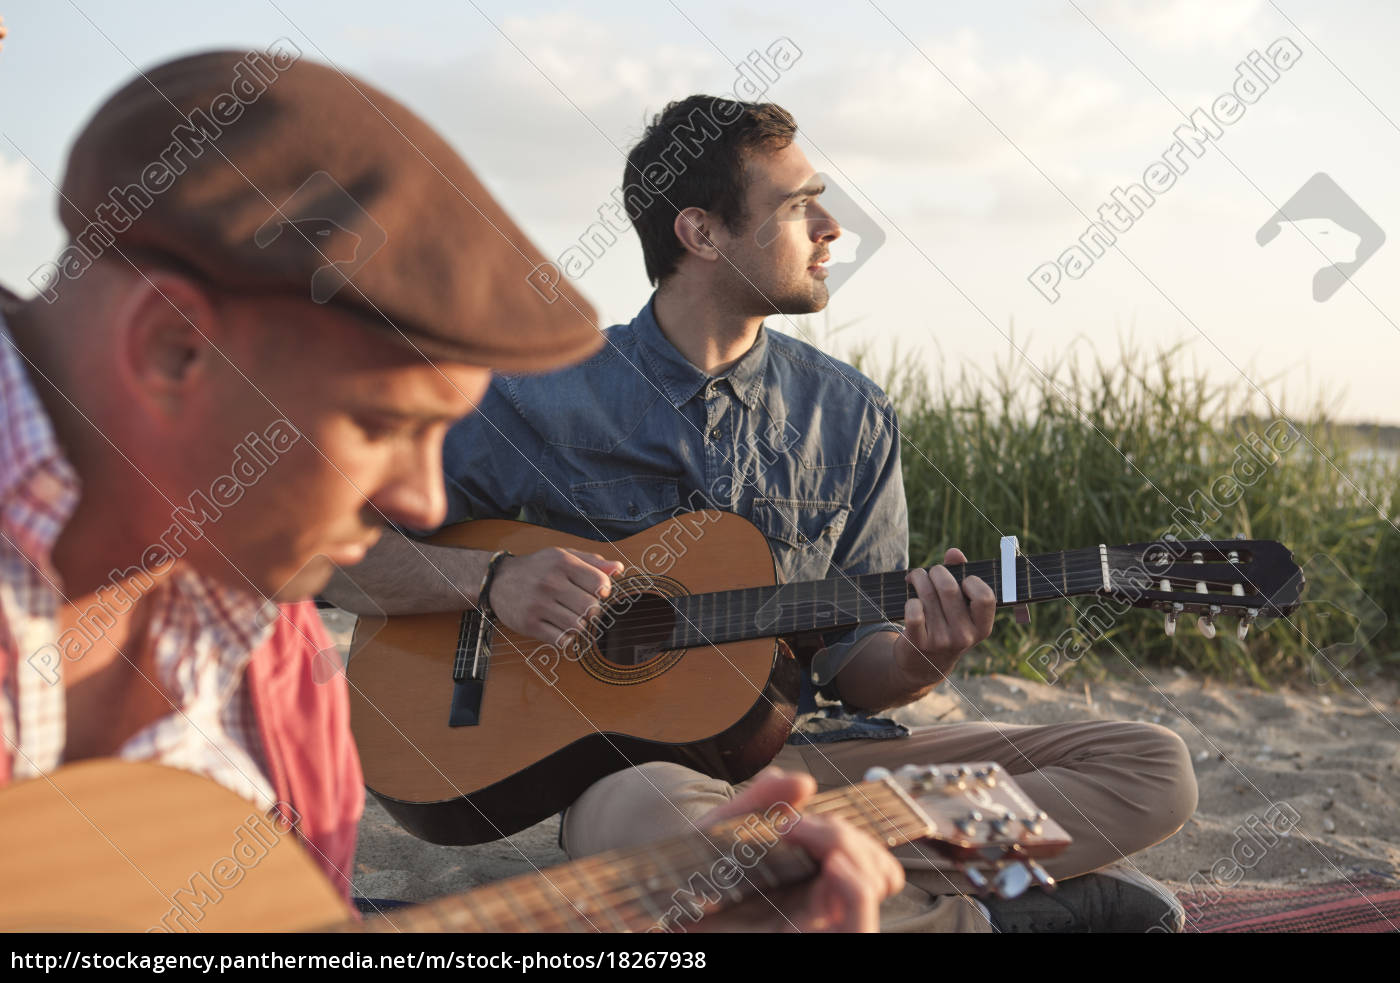 to, voksne, mandlige, venner, spiller, akustiske - 18267938